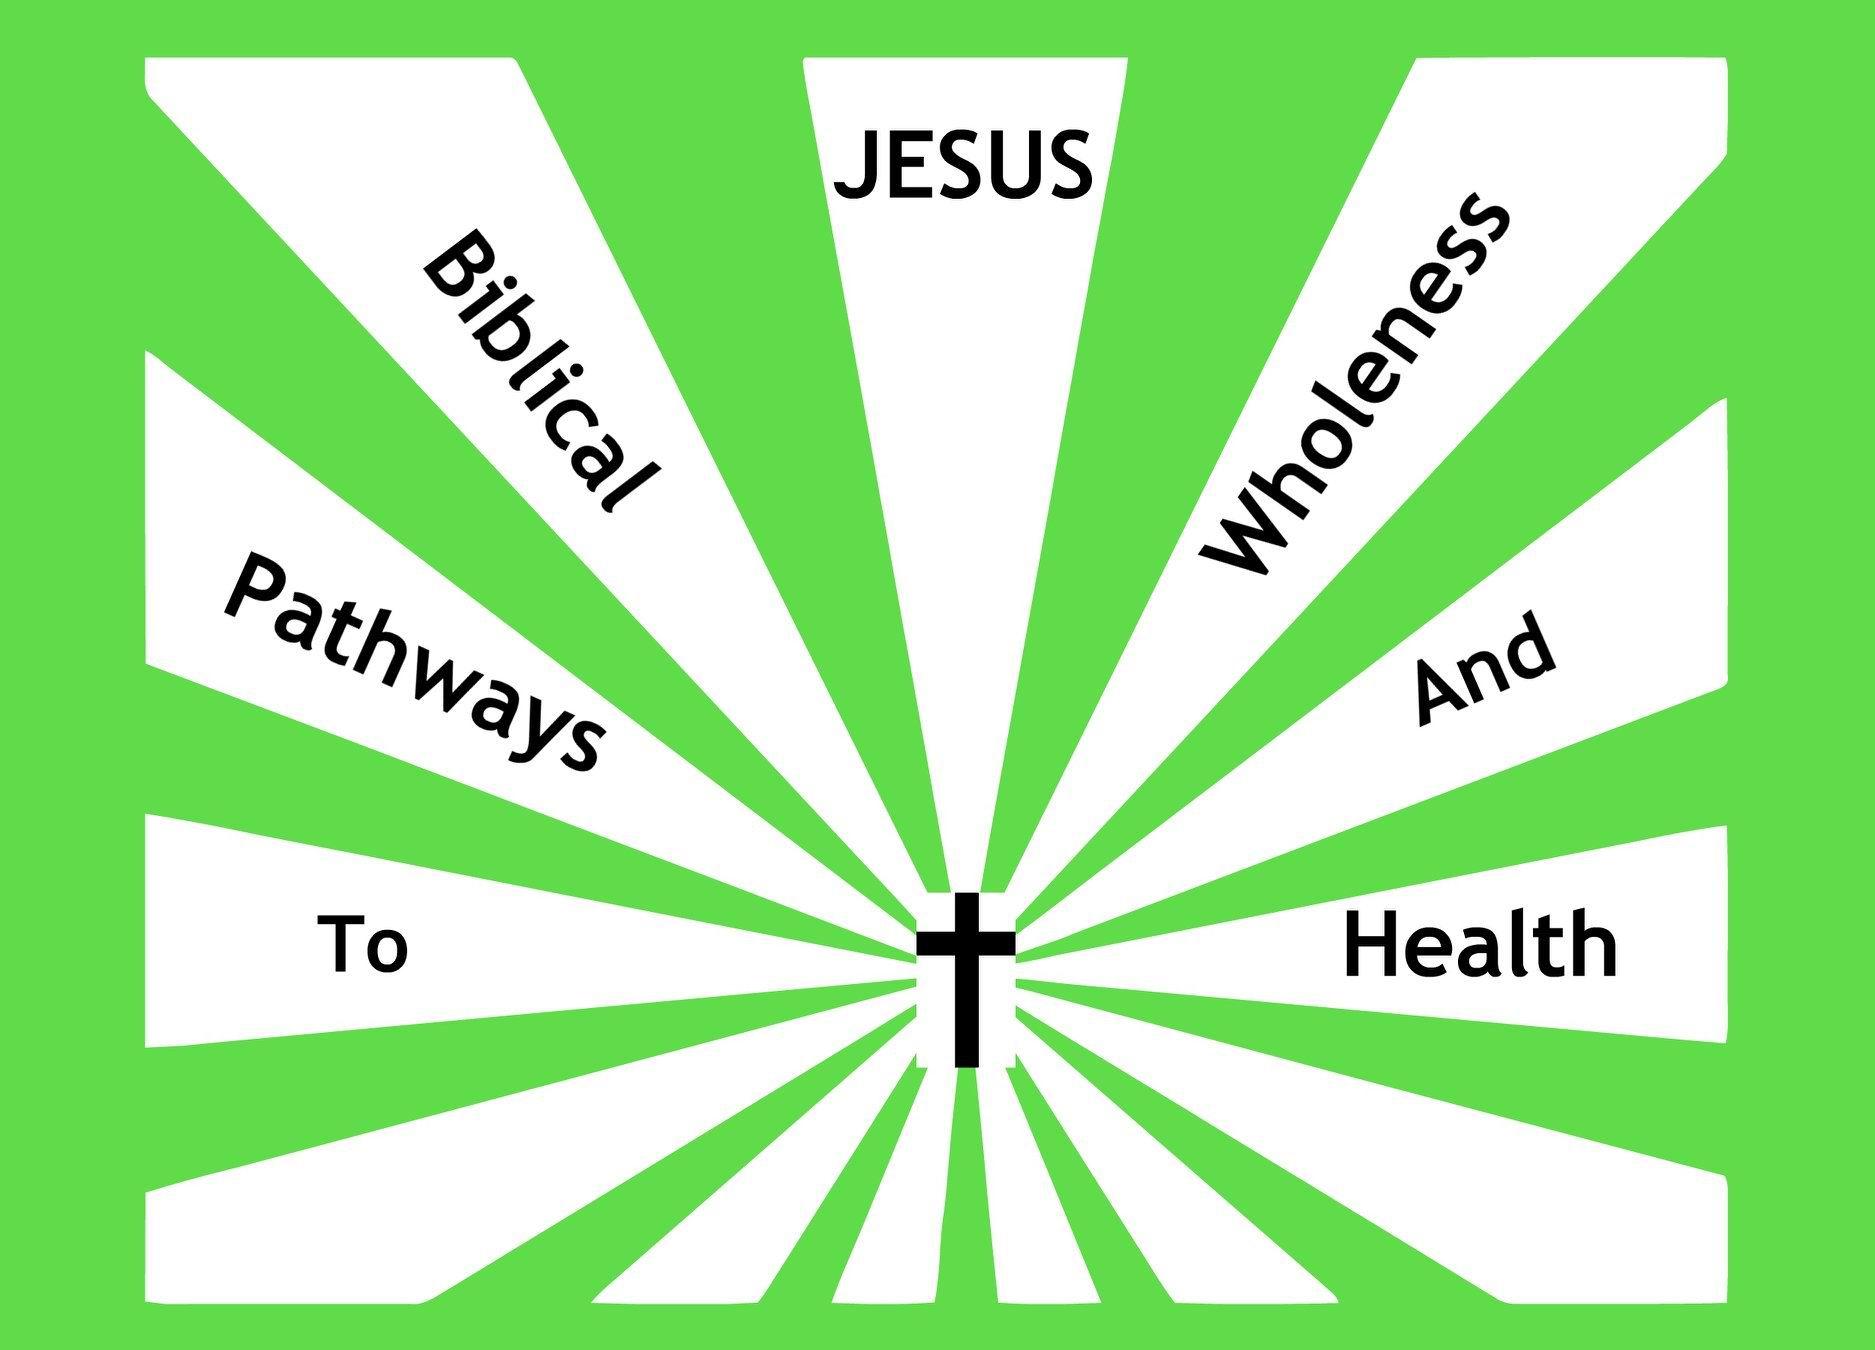 BIBLICAL PATHWAYS LOGO